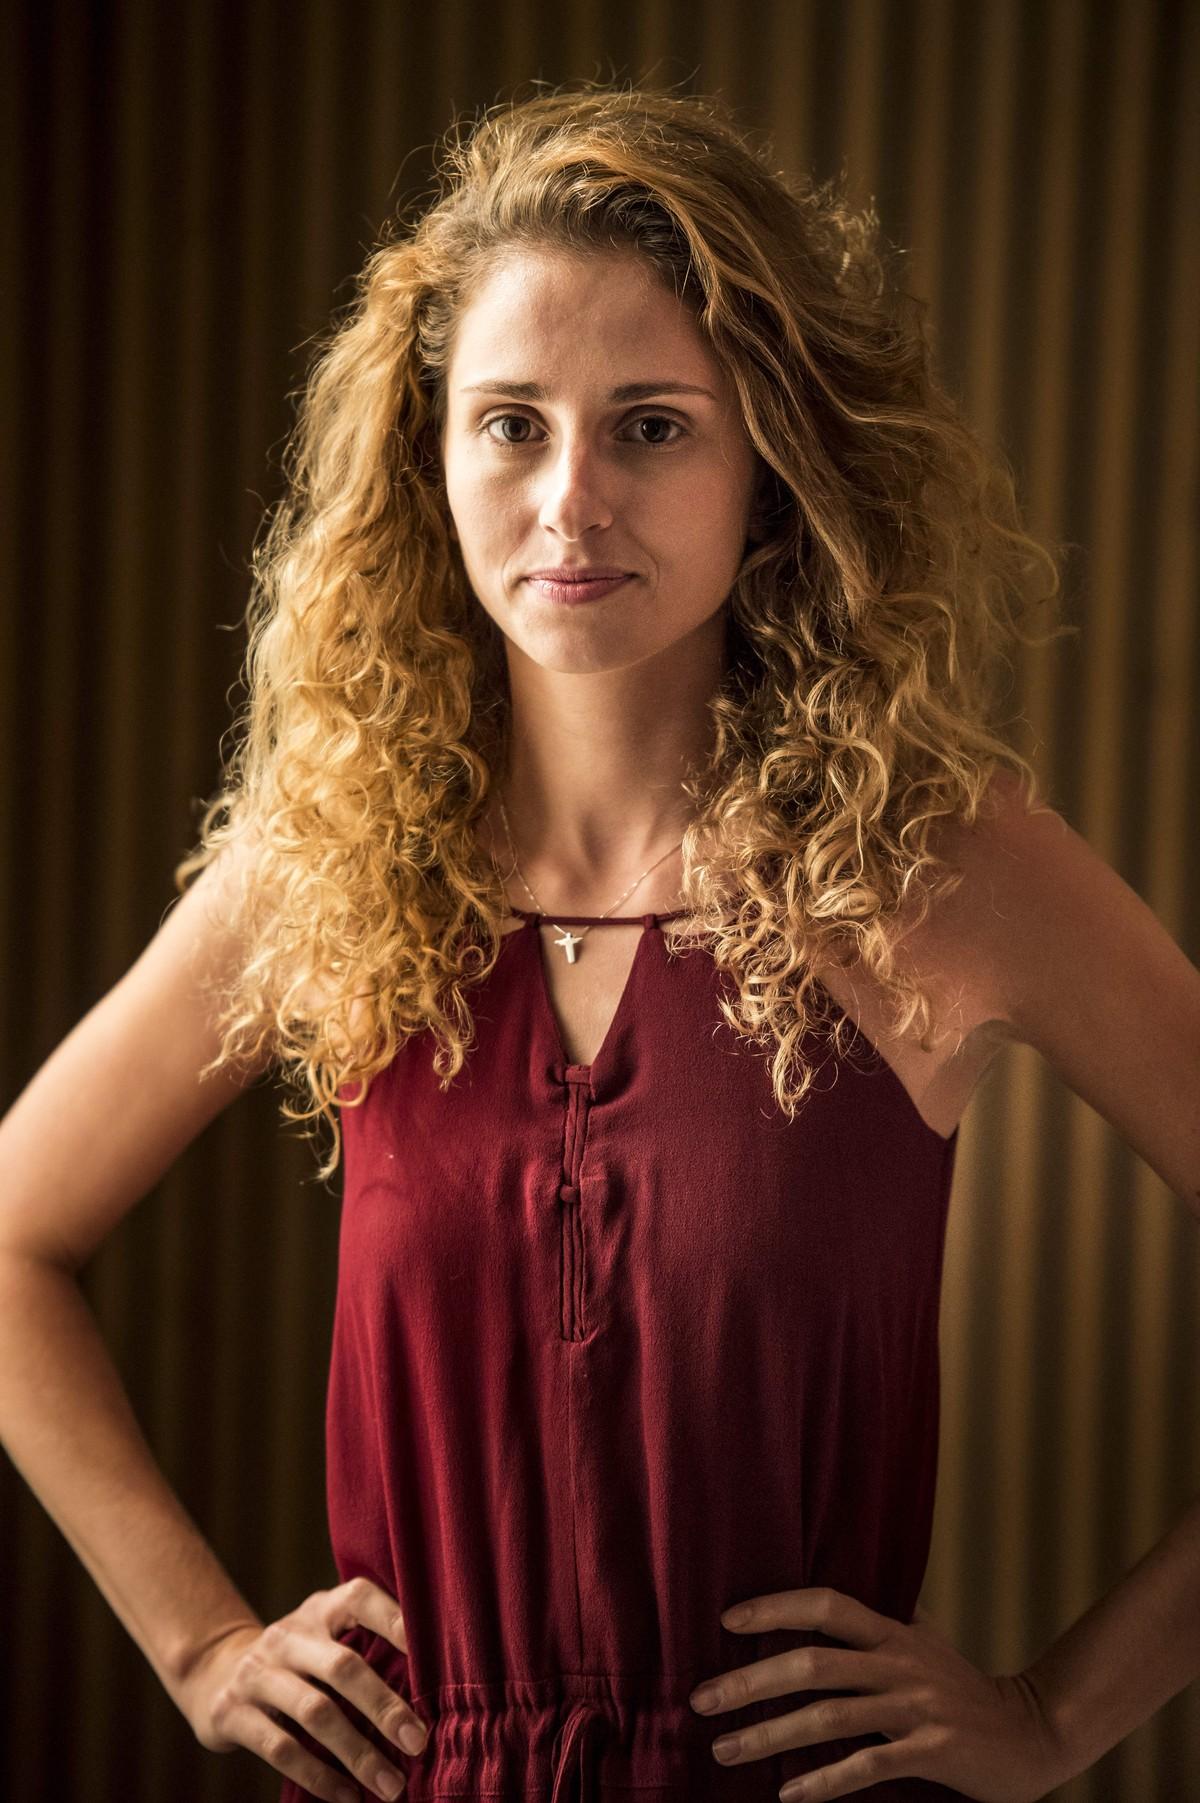 Susana de garcia das perverse schloss hotel - 2 part 10